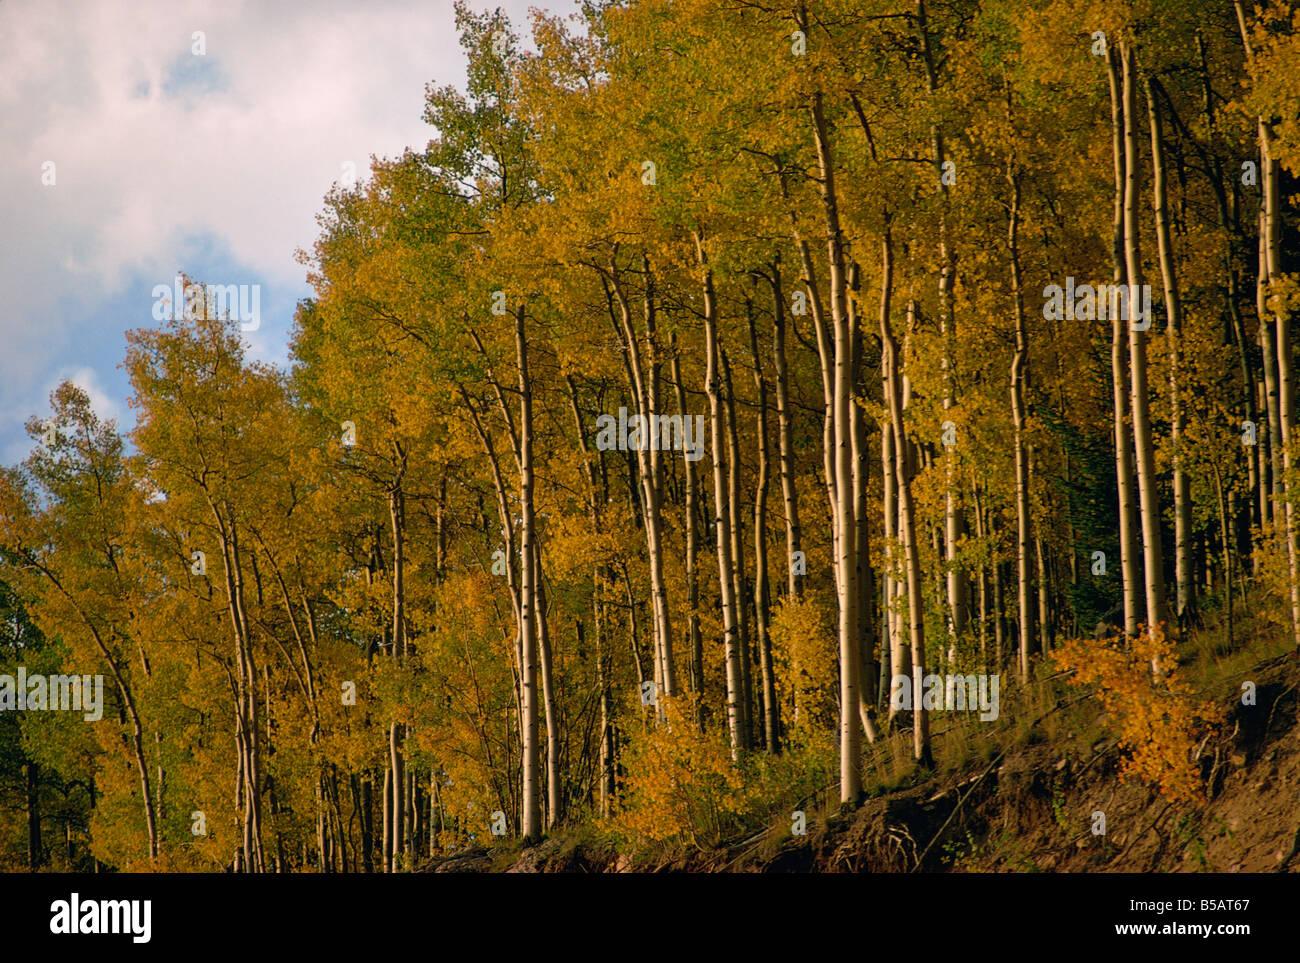 Bäume in herbstlichen Farben Stockbild